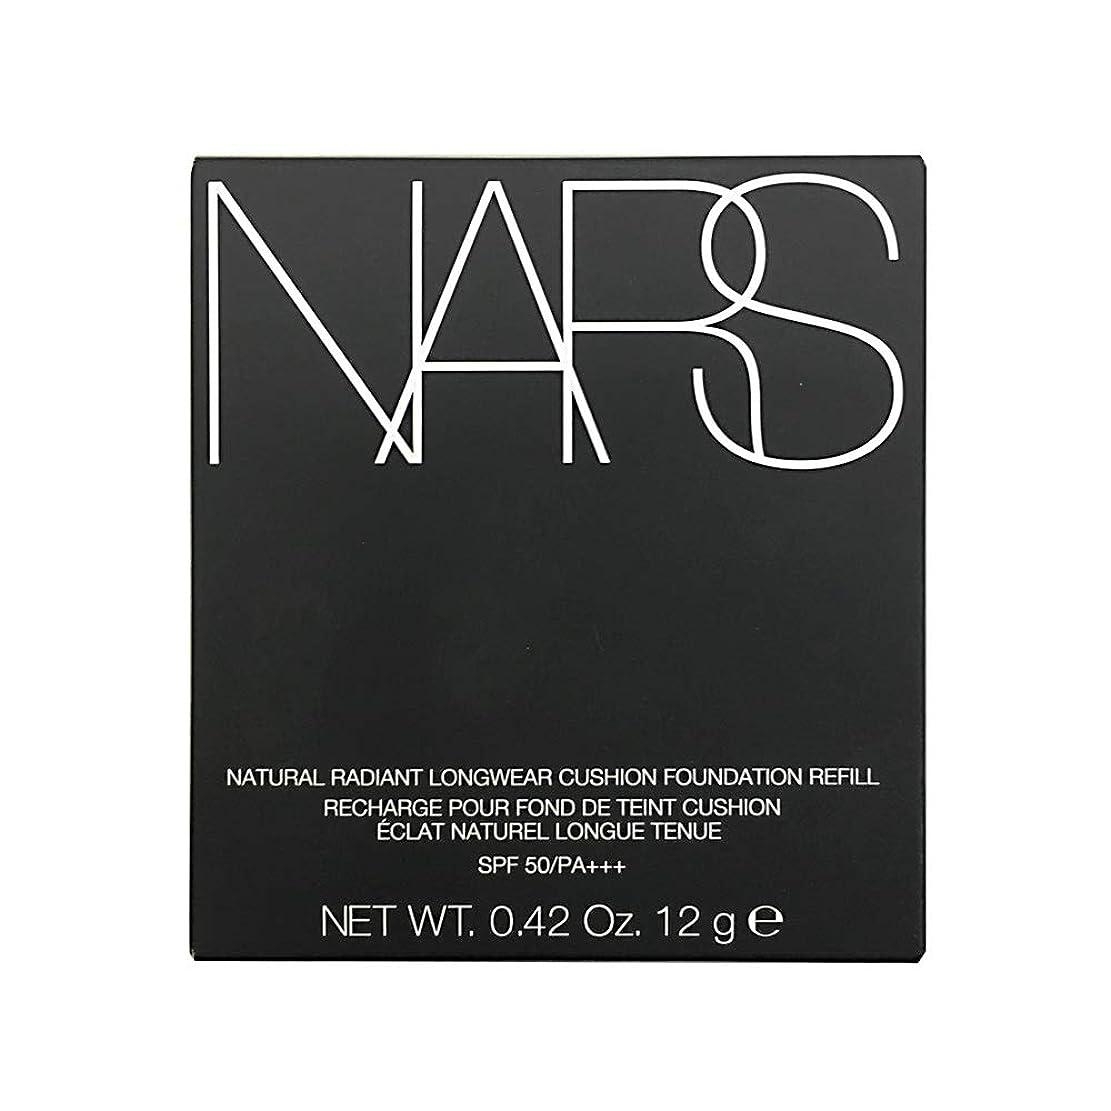 存在するカウントアップマチュピチュナーズ/NARS ナチュラルラディアント ロングウェア クッションファンデーション(レフィル)#5881 [ クッションファンデ ] [並行輸入品]